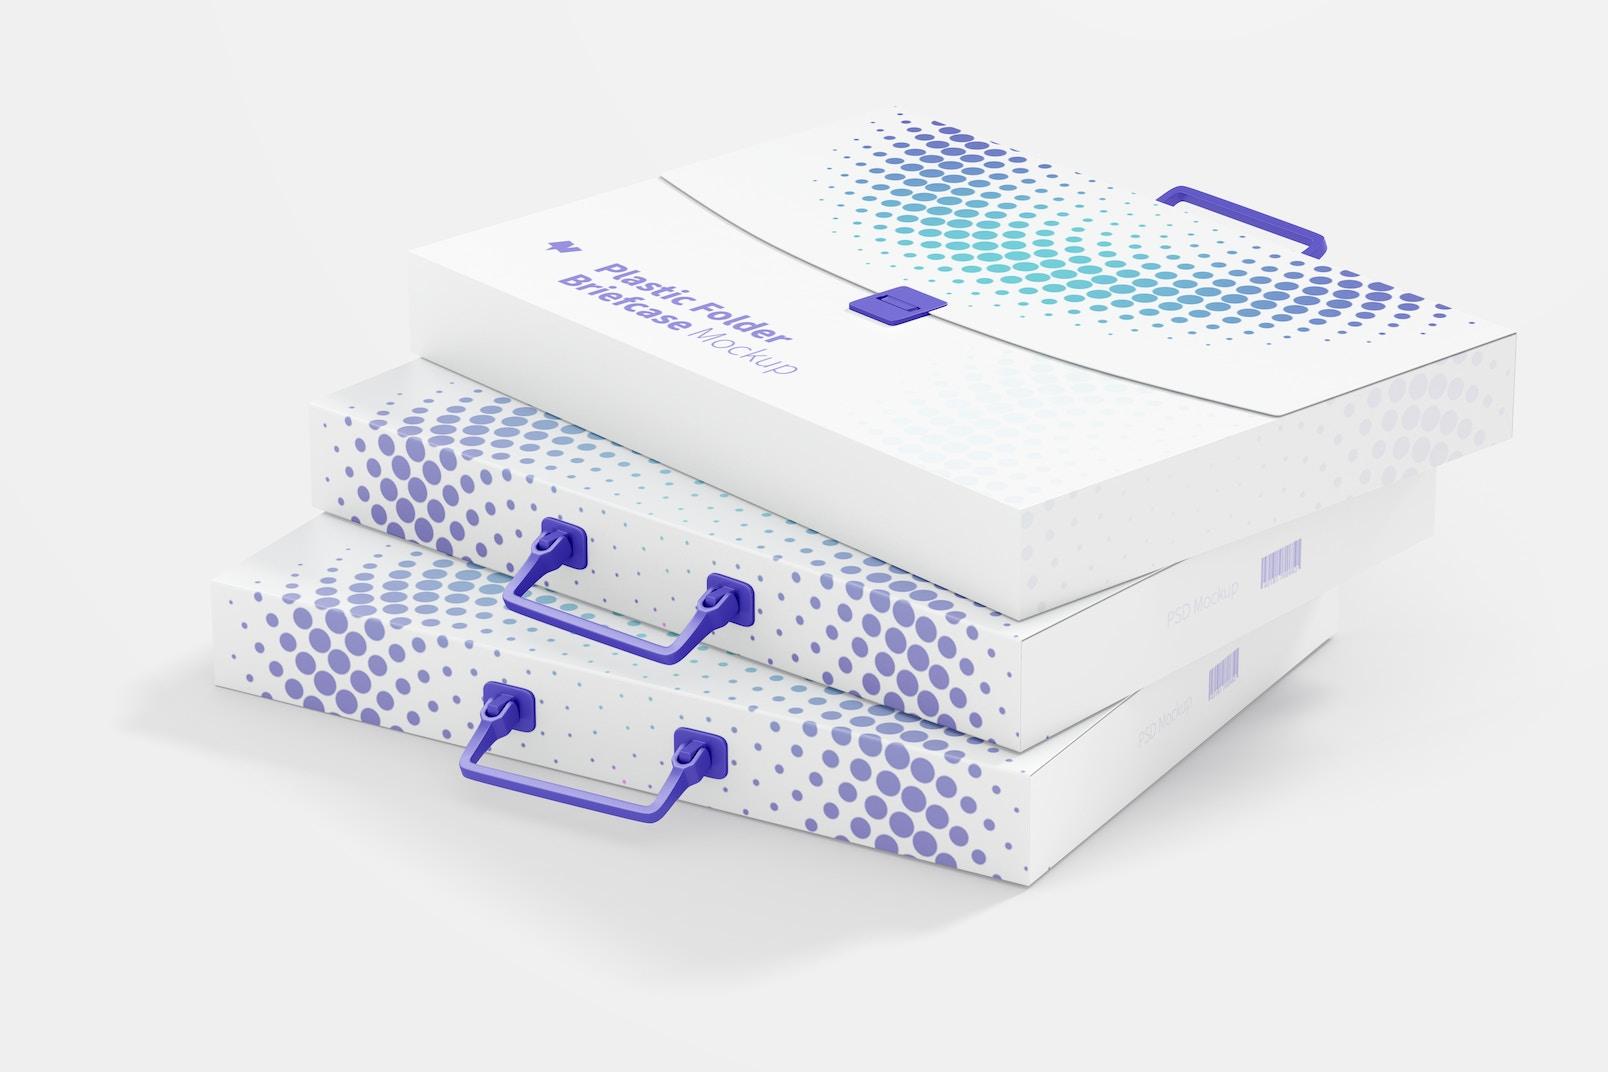 Plastic Folder Briefcases Mockup, Stacked Set